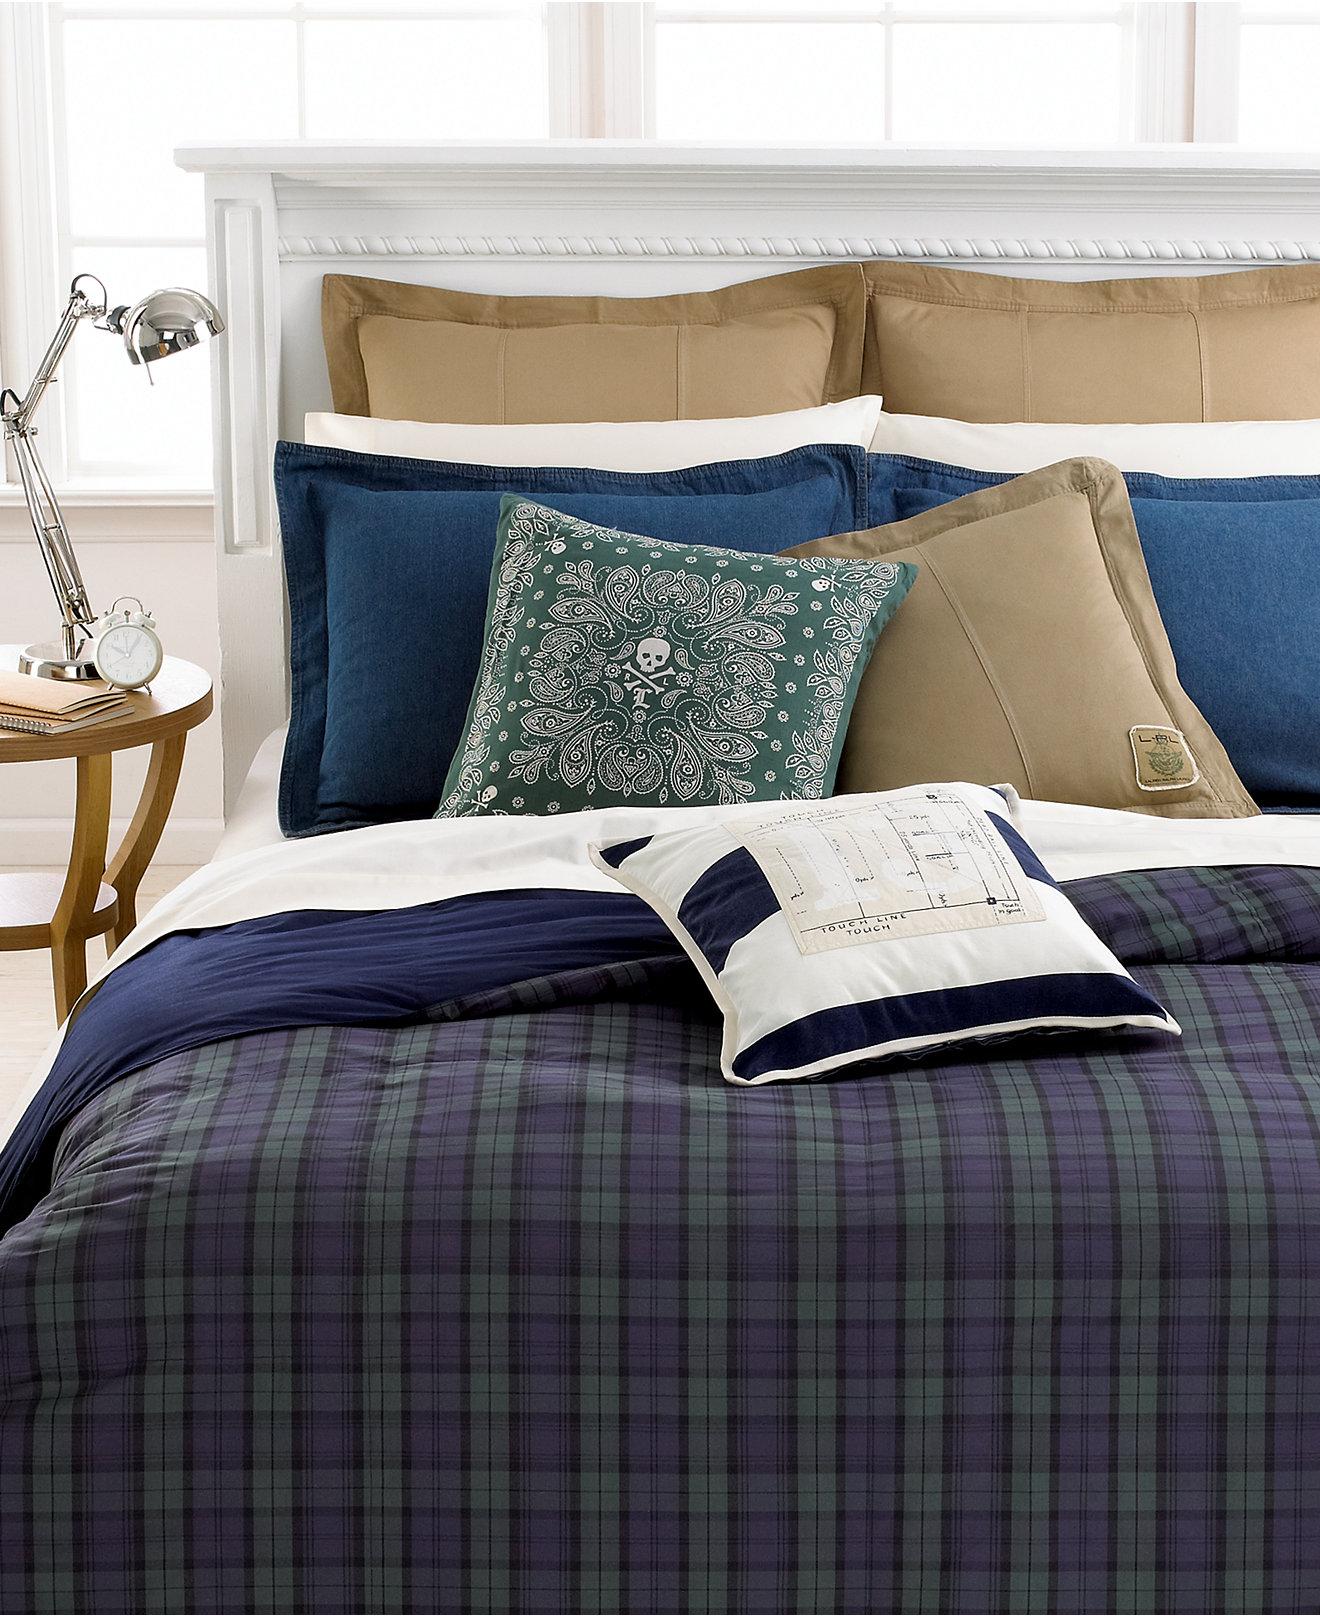 Marein ralph lauren twin plaid comforter for Ralph lauren bathroom